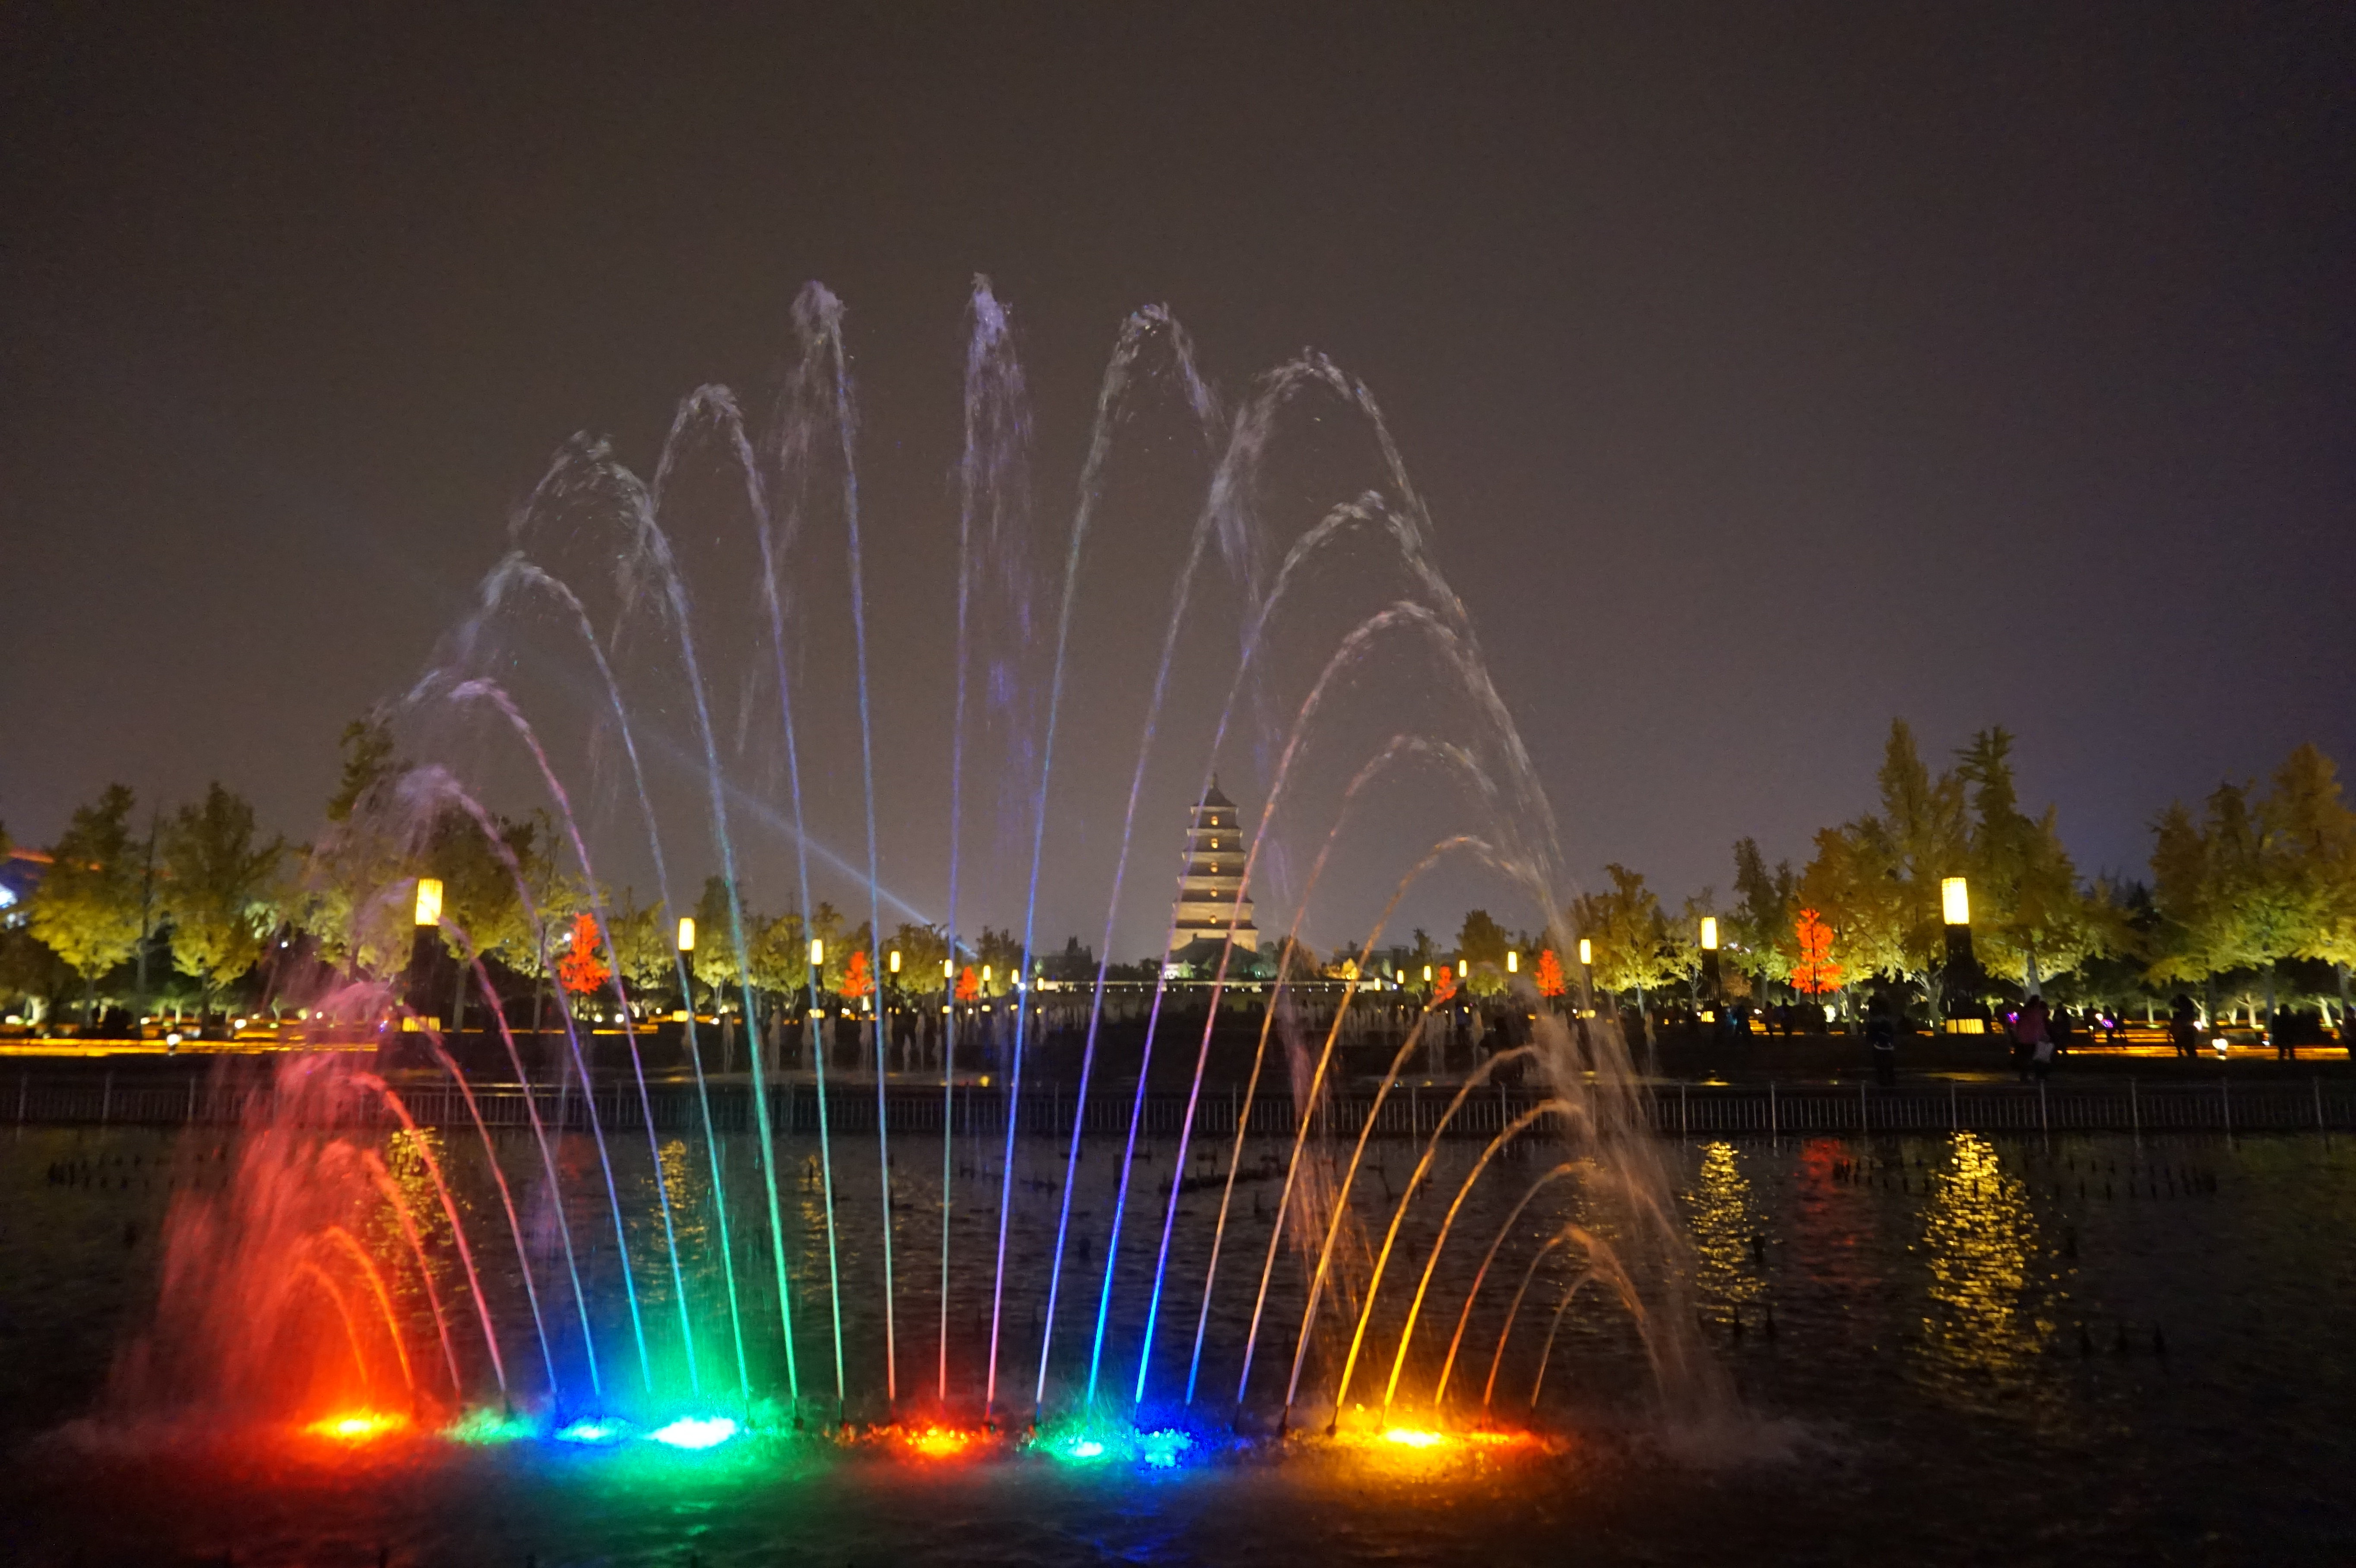 大雁塔音乐喷泉图片